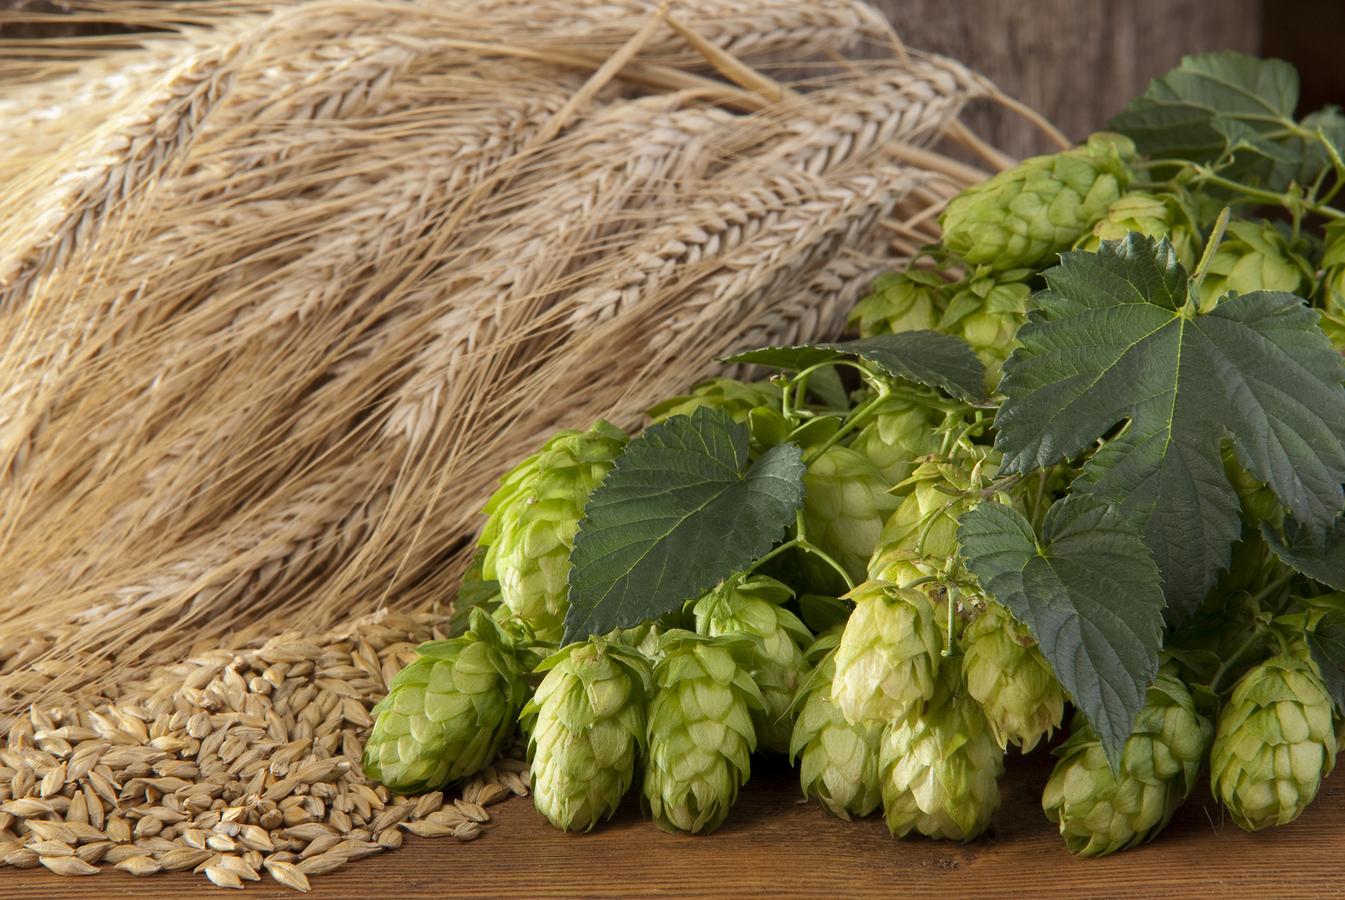 Думка: Вирощування пивоварного ячменю на 15% рентабельніше звичайного